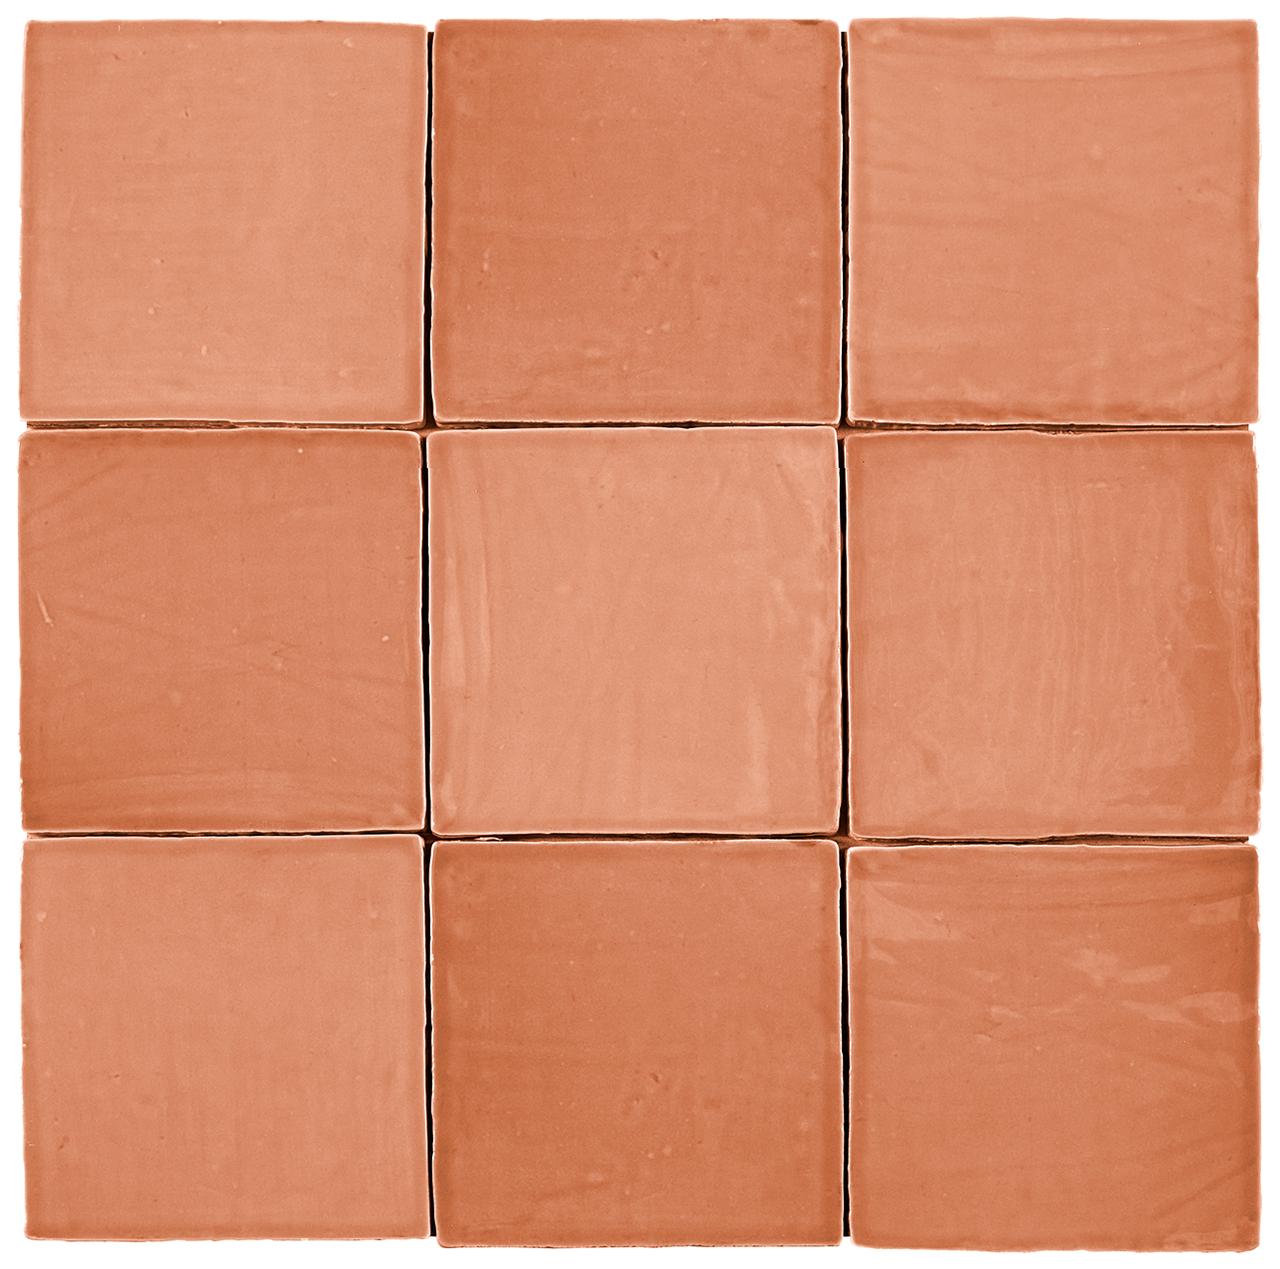 Mediterranea Ceramic Wall Tile Collection